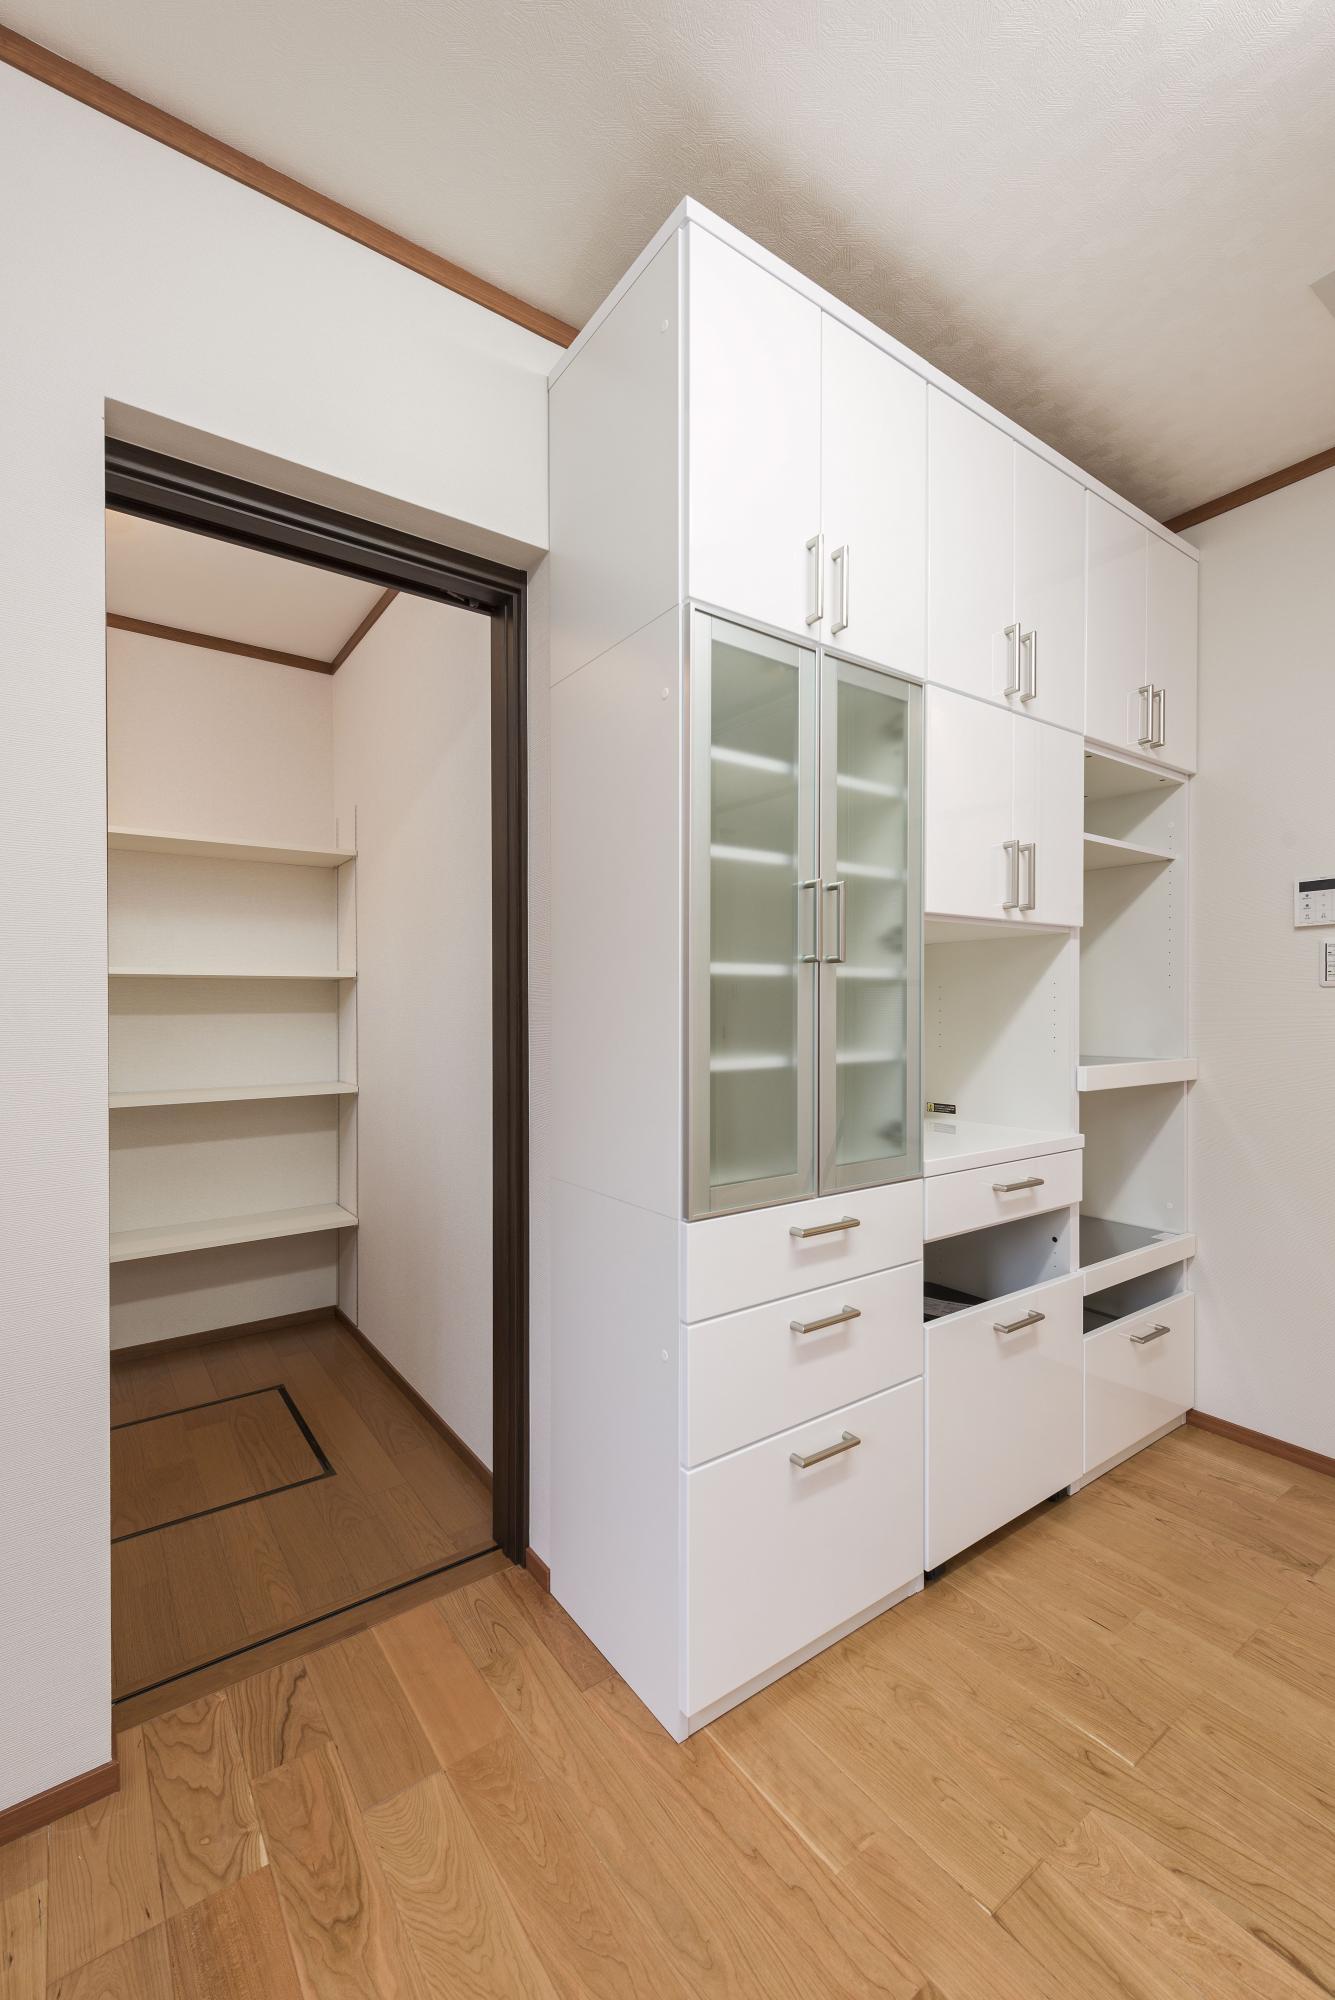 システムキッチンの後ろの引き戸を開けると、たくさんストックできる食品庫が。食器棚は既存のものを配置した。